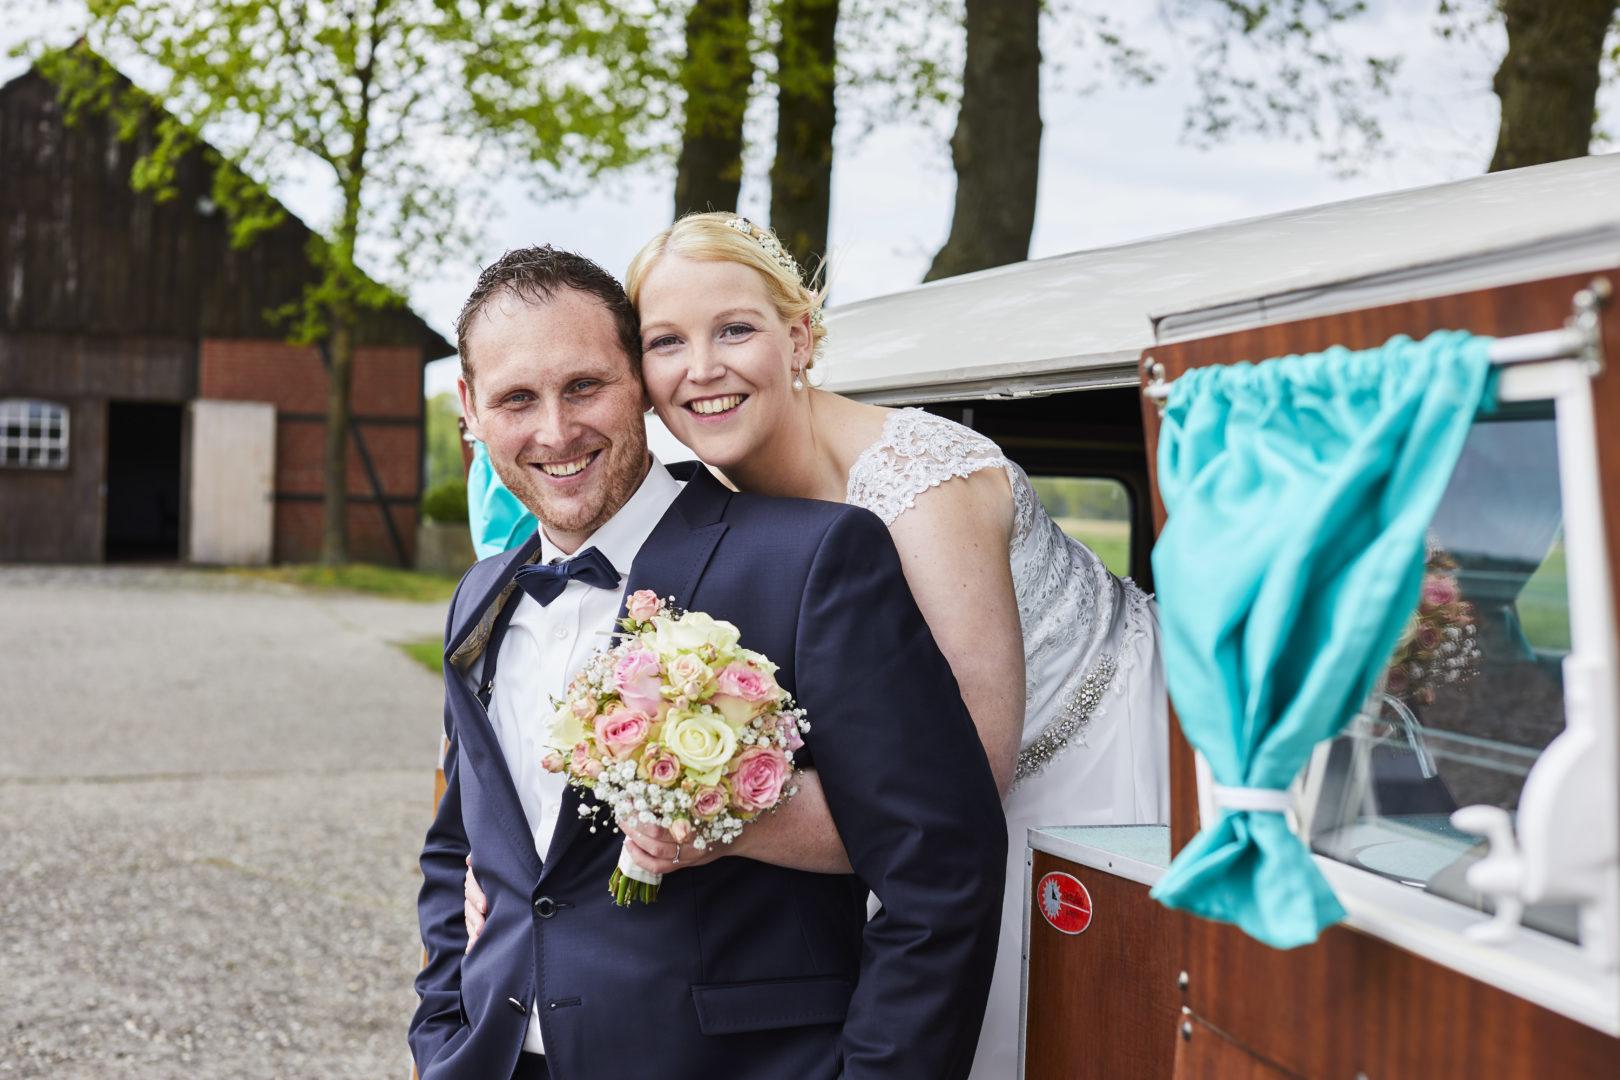 Hochzeit-in-Stadtlon_Hochzeitsfotograf-Sebastian-Röhling